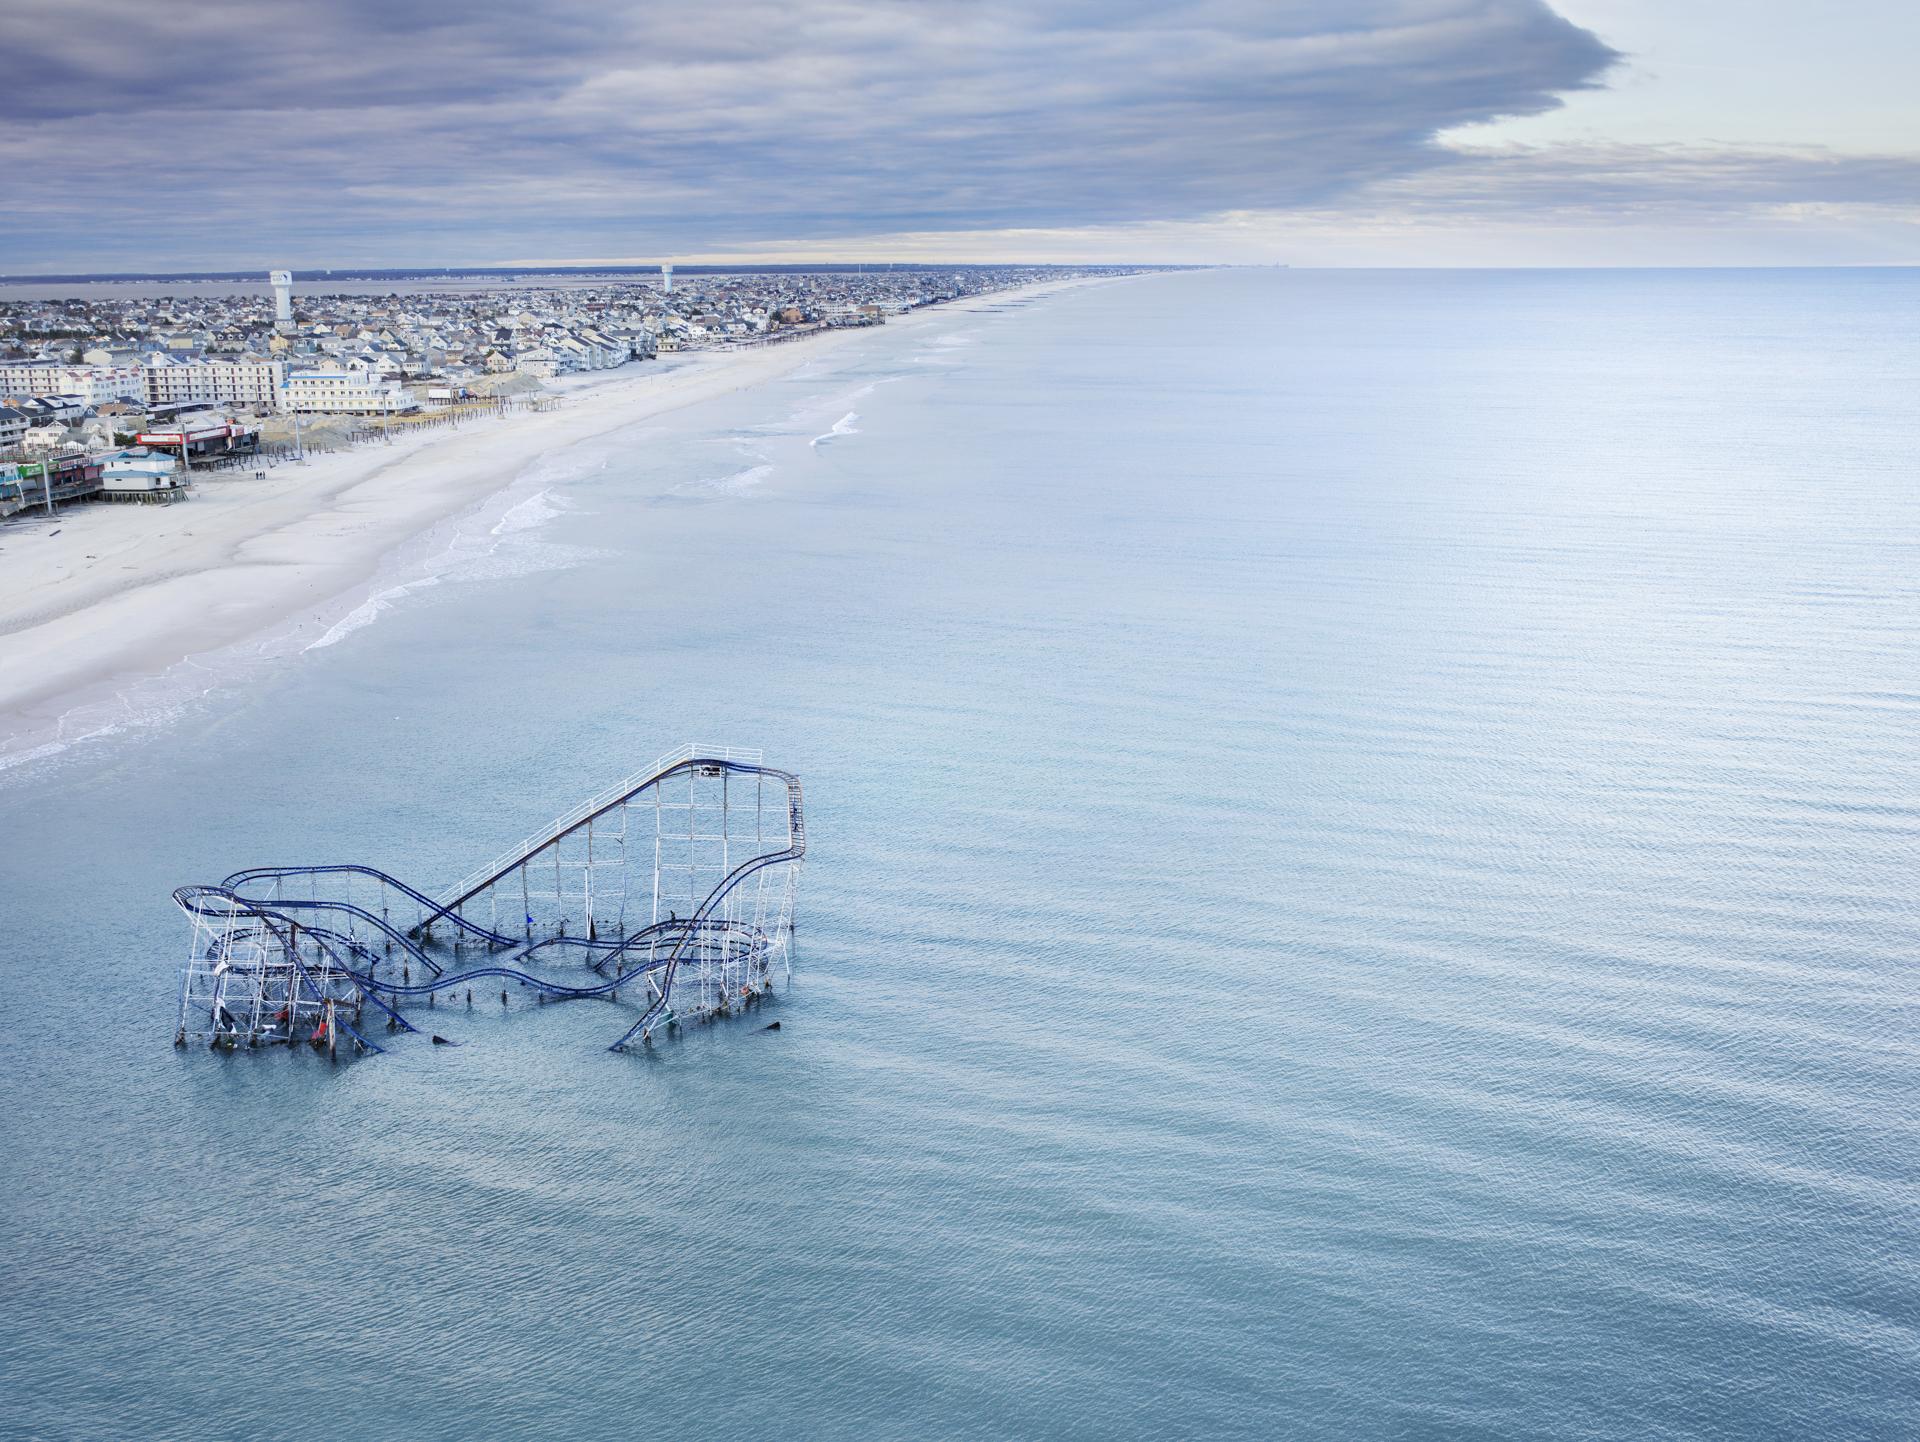 Hurricane Sandy: Jet Star roller coaster © Stephen Wilkes